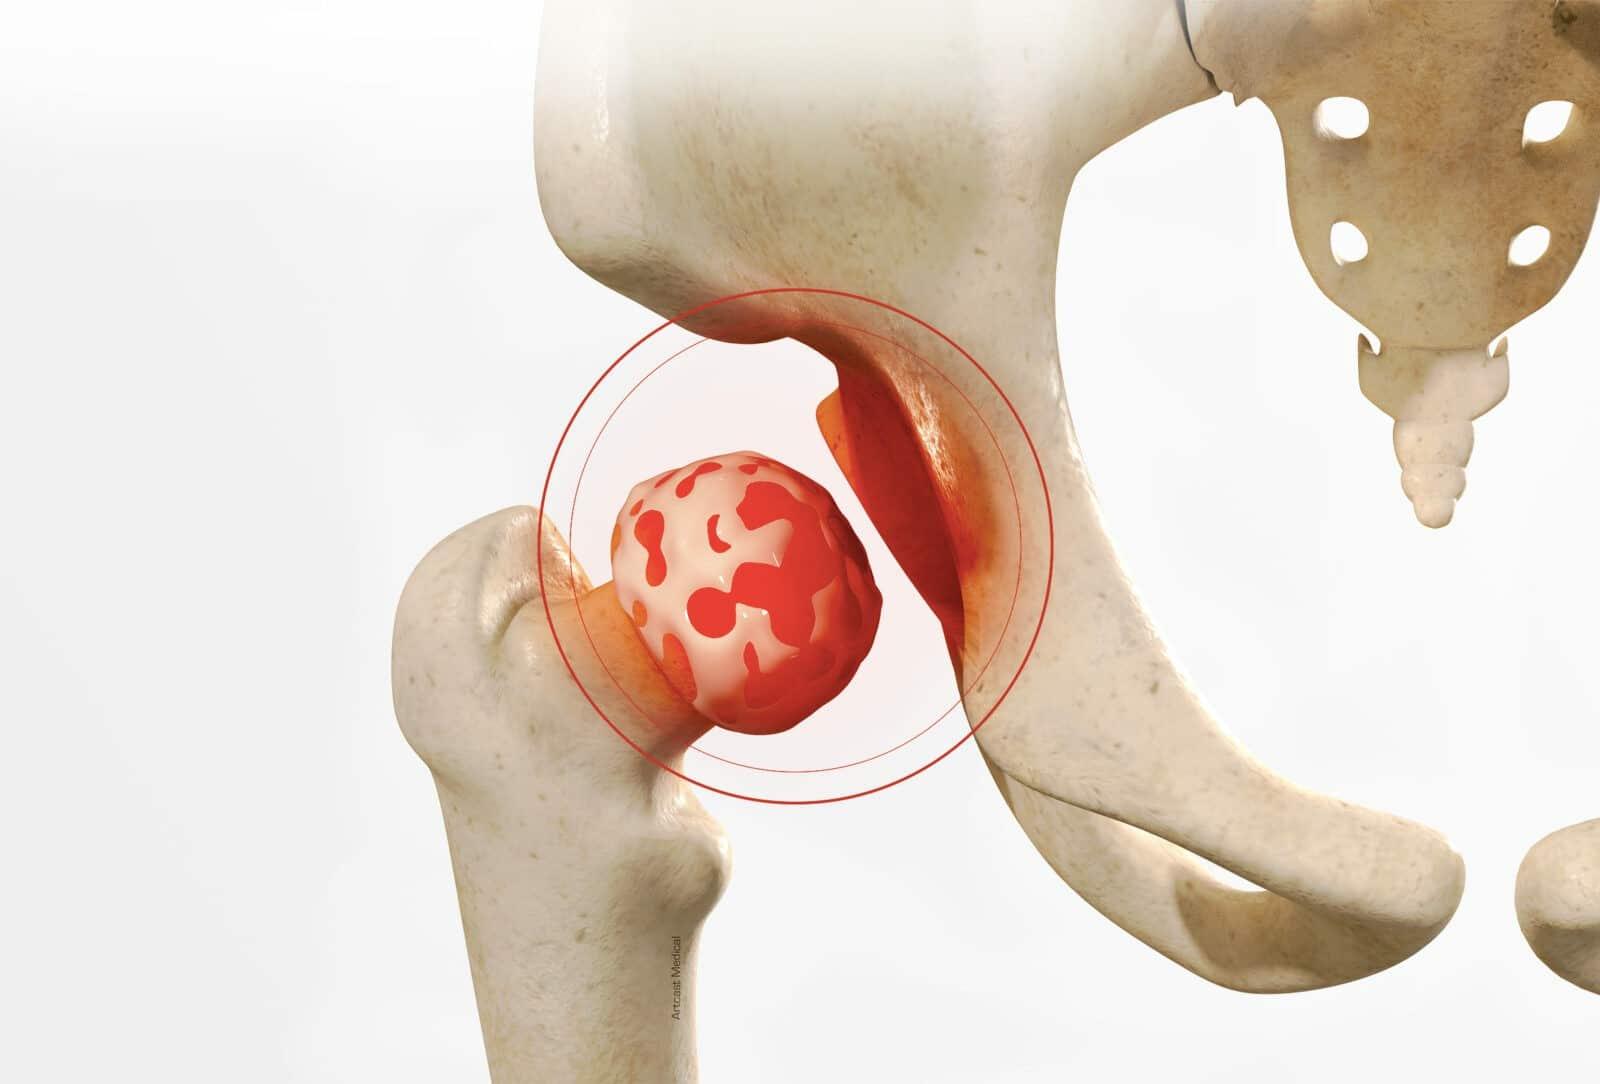 Traitement de l'arthrose de la hanche (Coxarthrose) à Paris - Dr Paillard